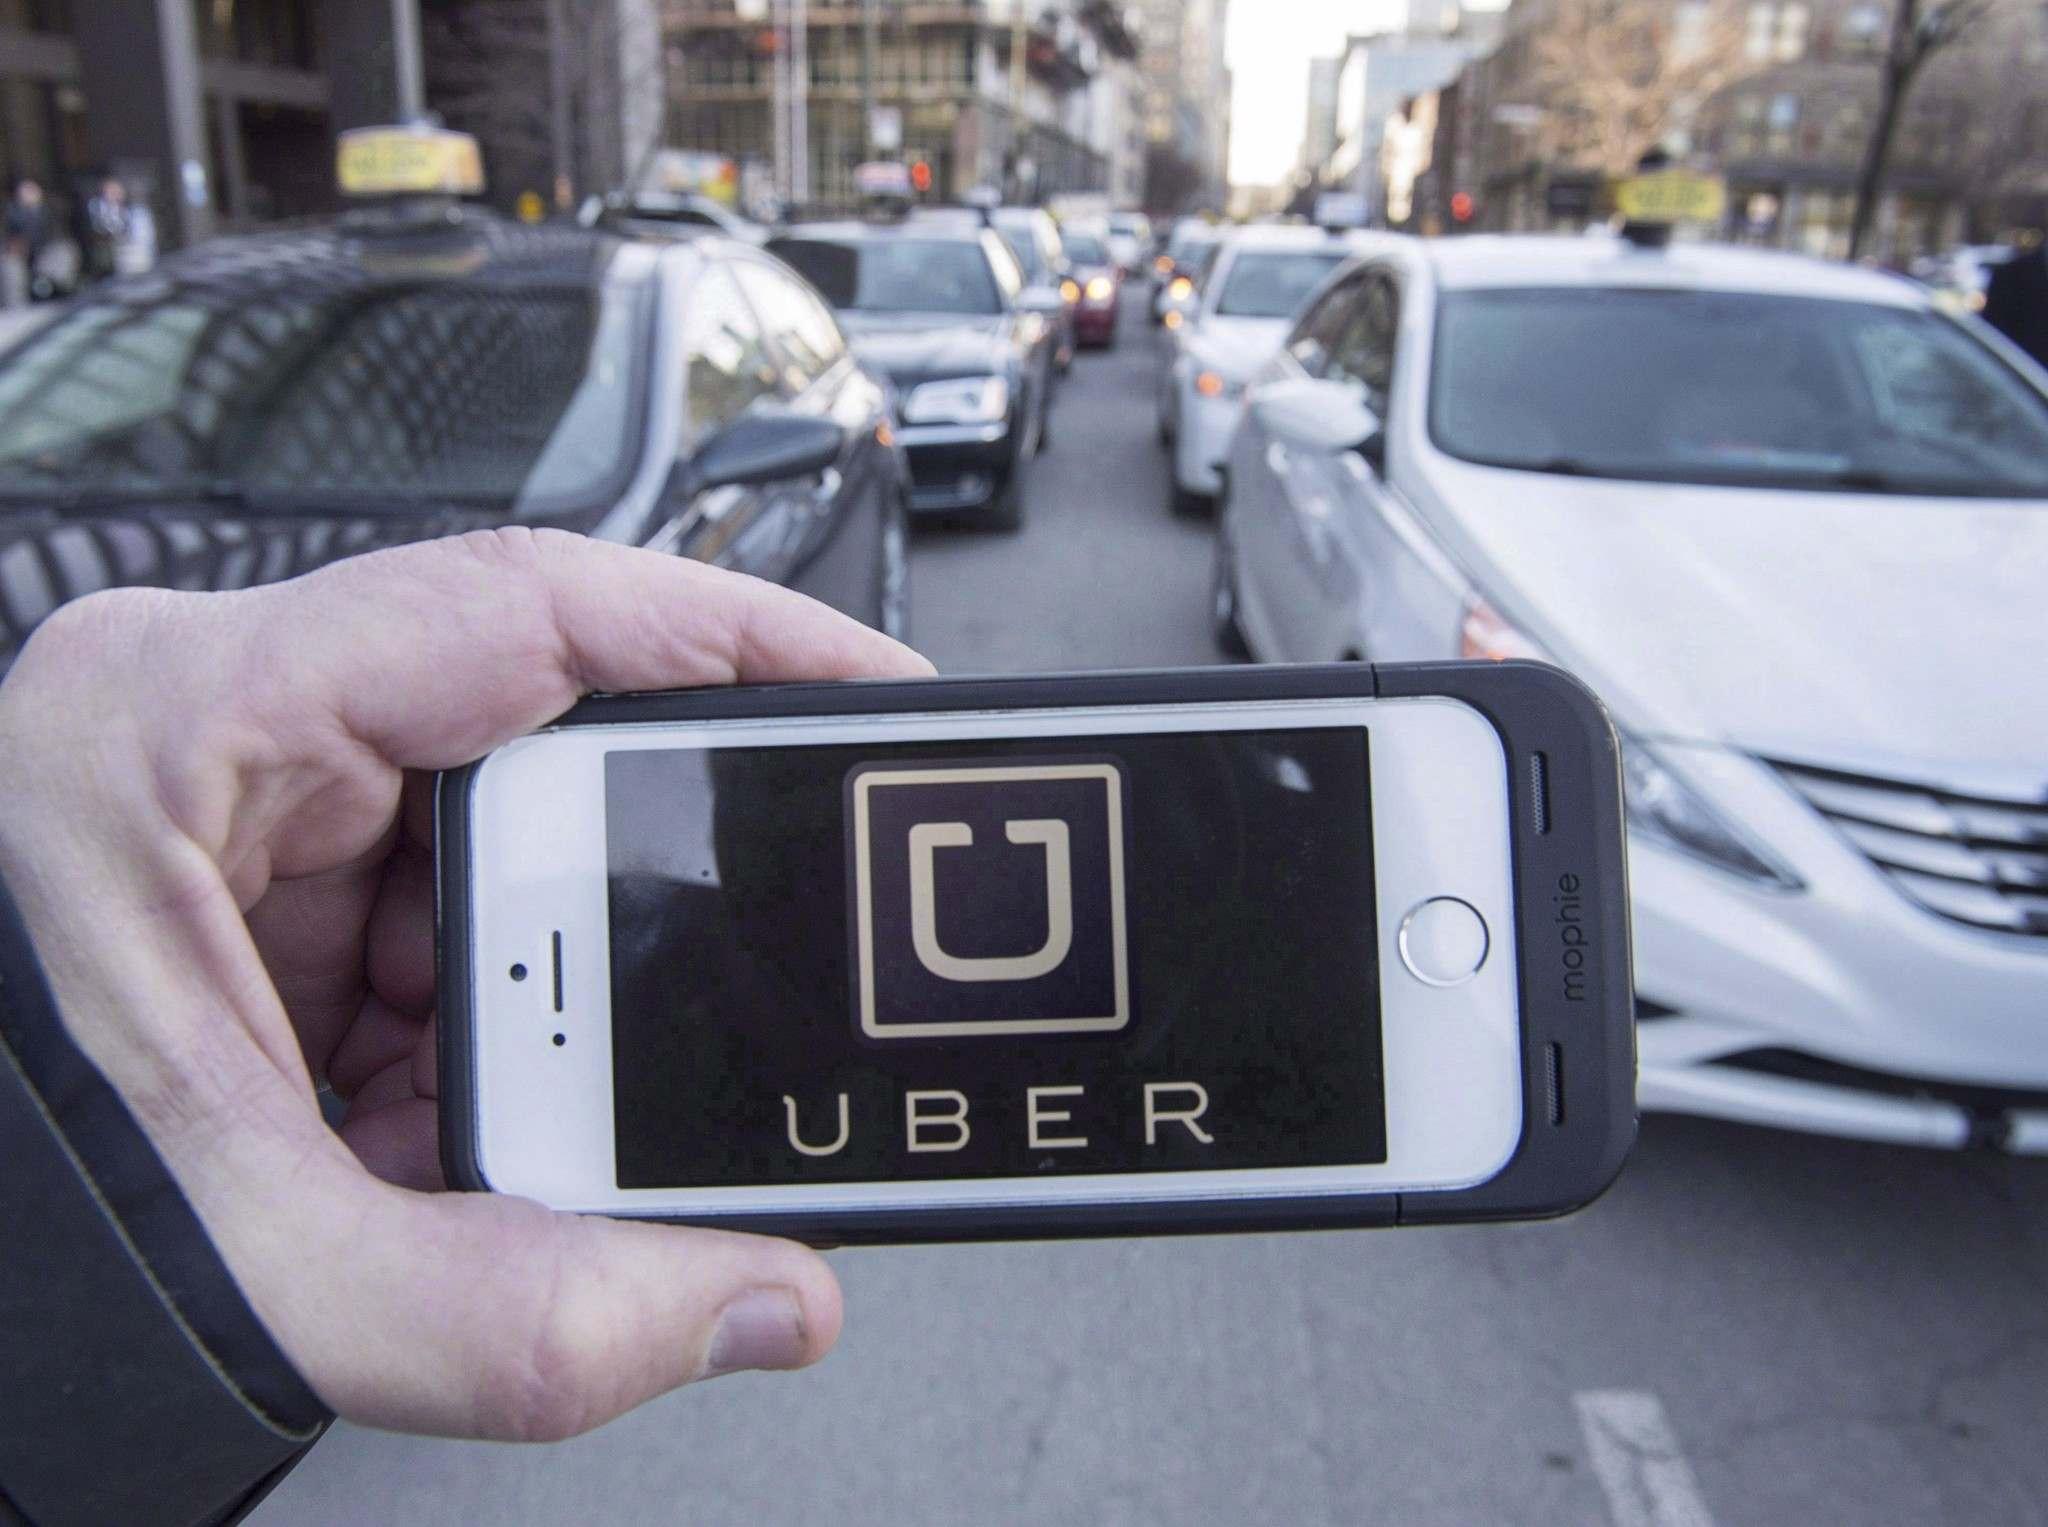 L'auto di Uber non mi prende in braccio, cosa devo fare? 2